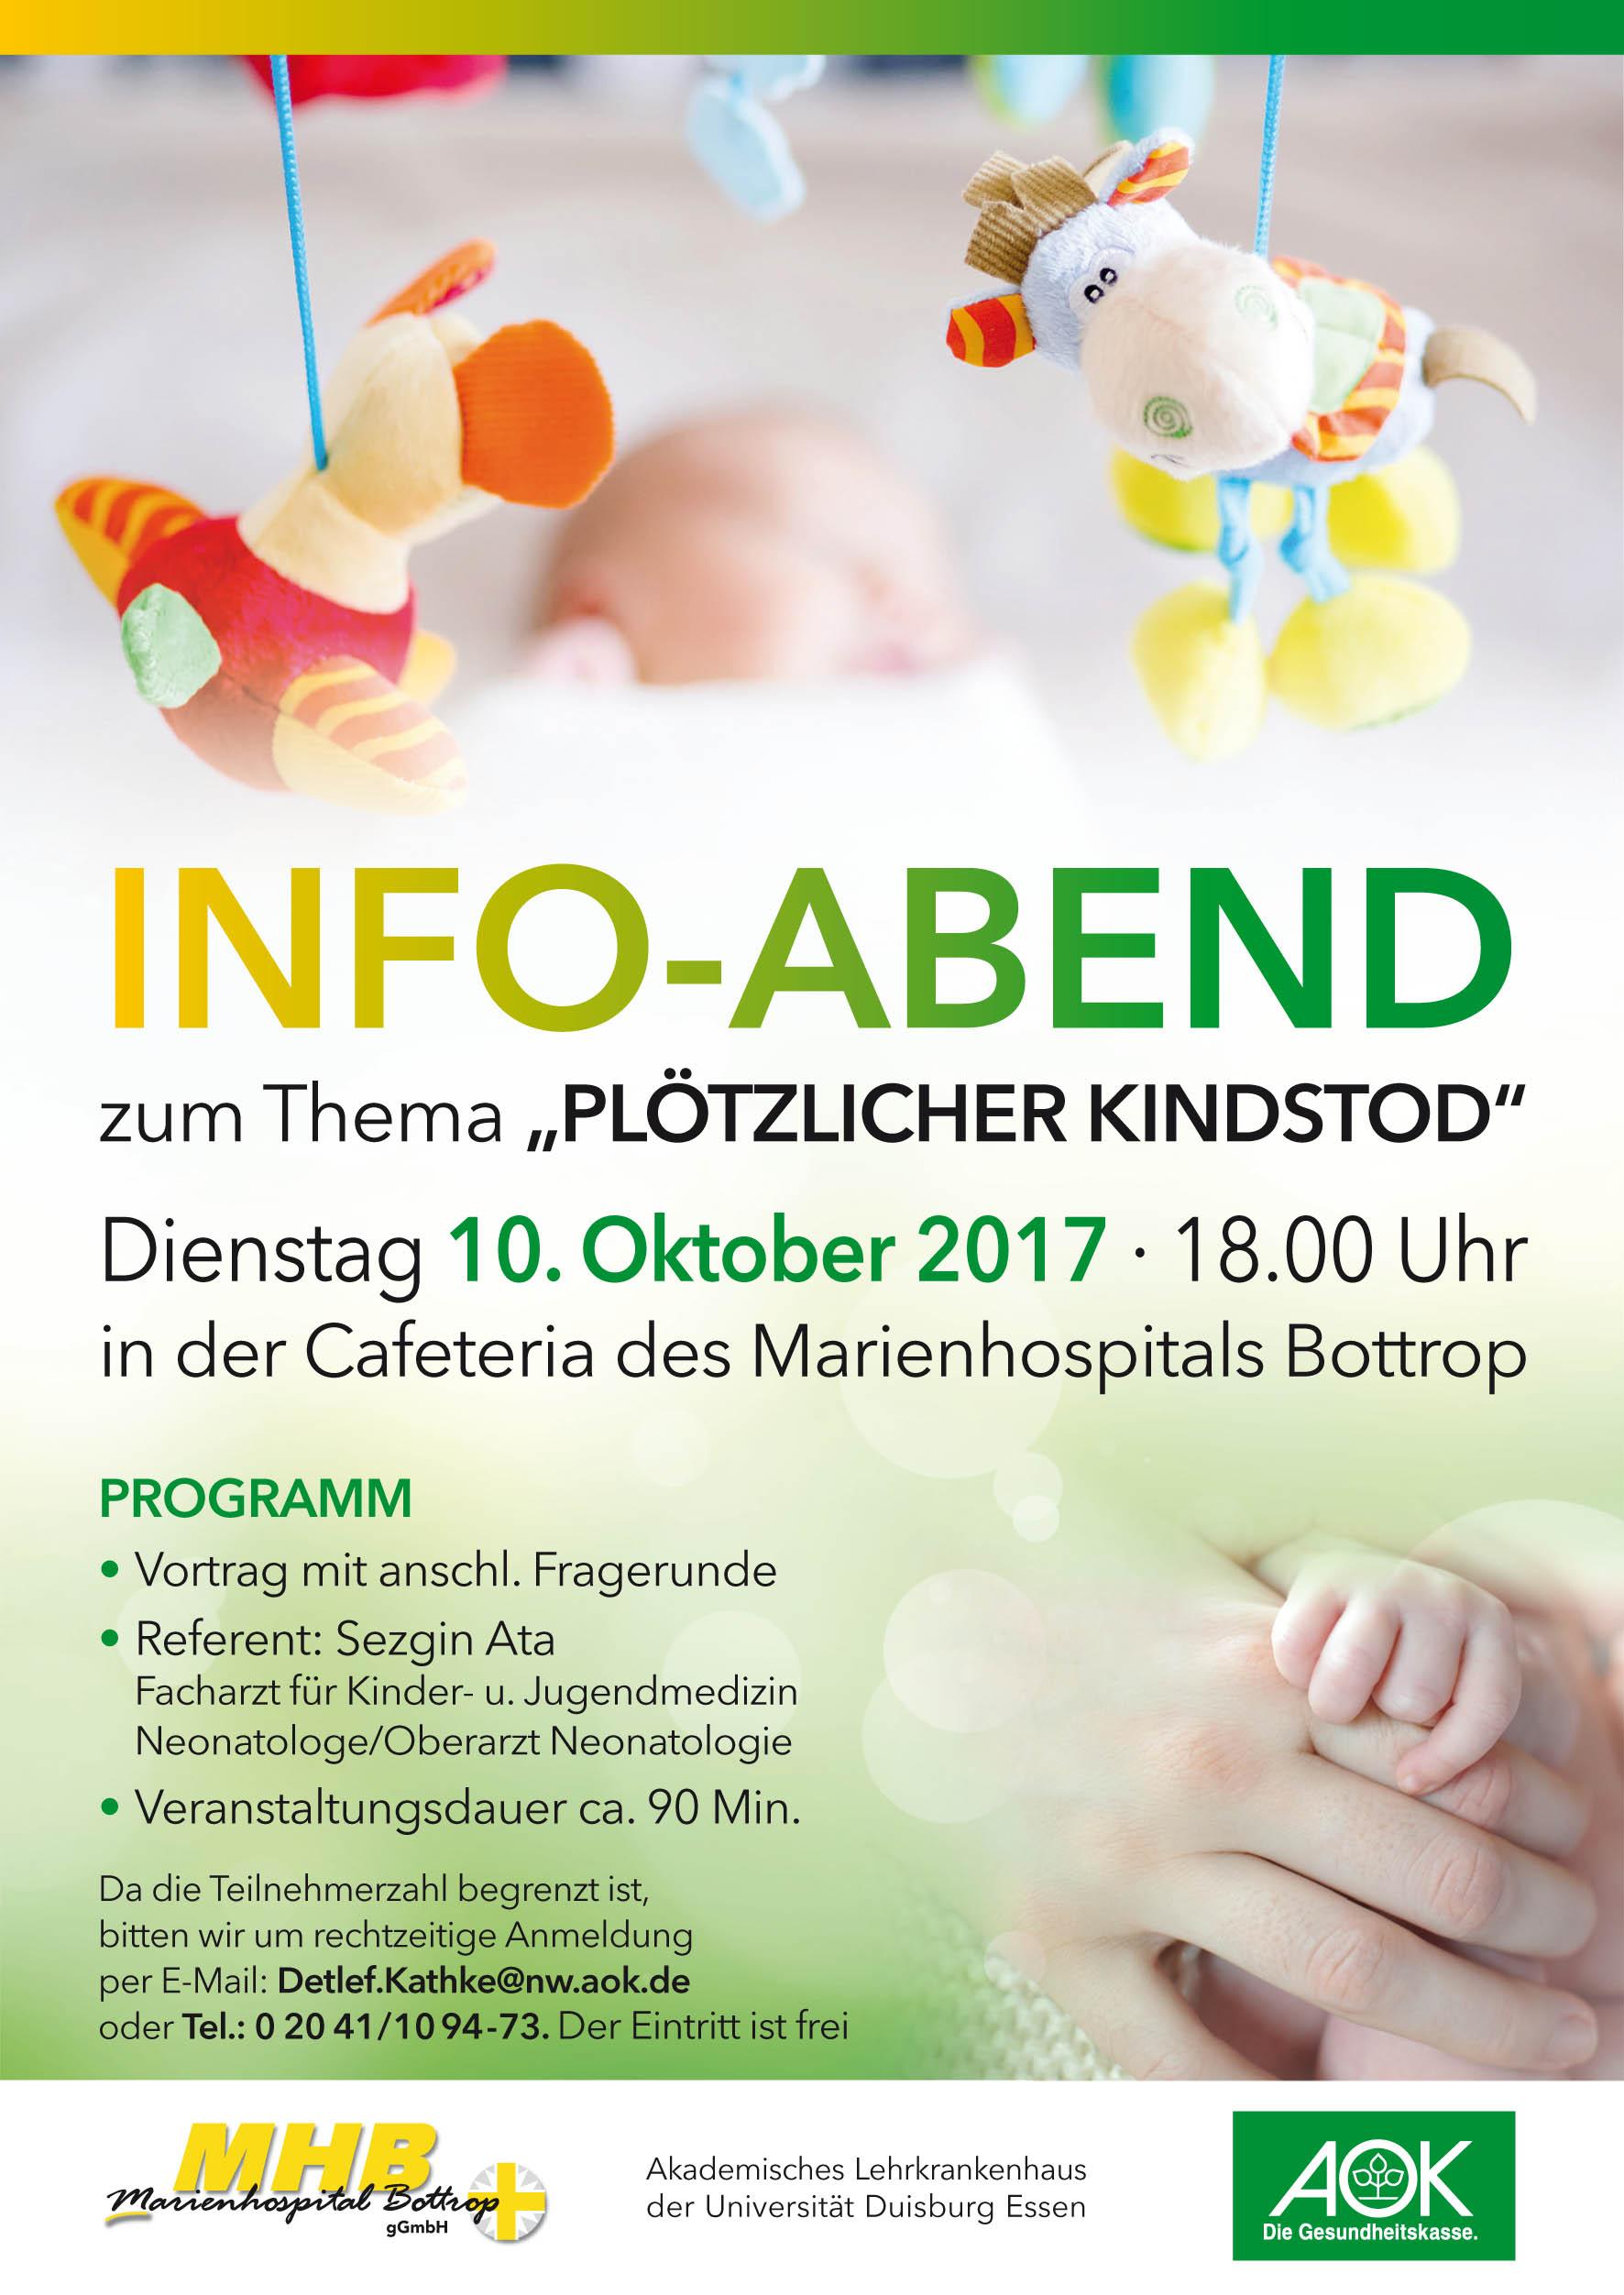 Flyer Infoabend Kindstod_10-10-17.indd